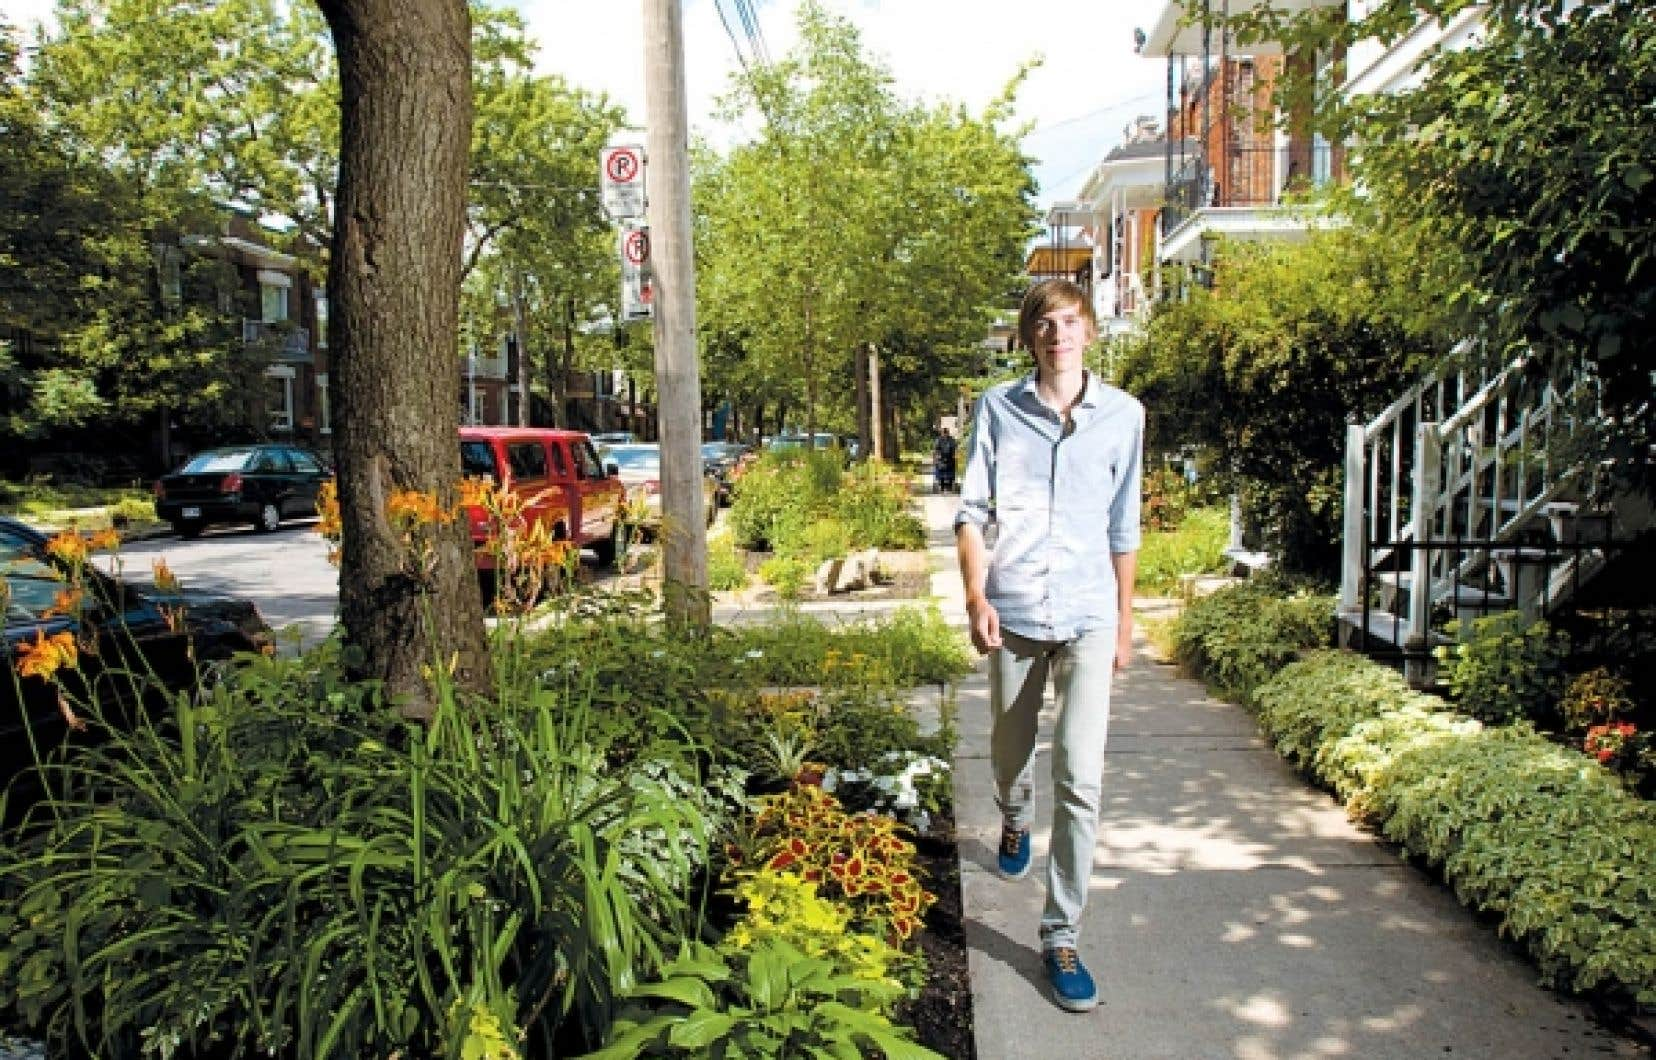 Laurent Richer, qui habite rue Des &Eacute;cores, &agrave; Montr&eacute;al, a lanc&eacute; le projet de transformer sa rue en am&eacute;nageant des espaces verts l&agrave; o&ugrave; le b&eacute;ton &eacute;tait roi.<br />